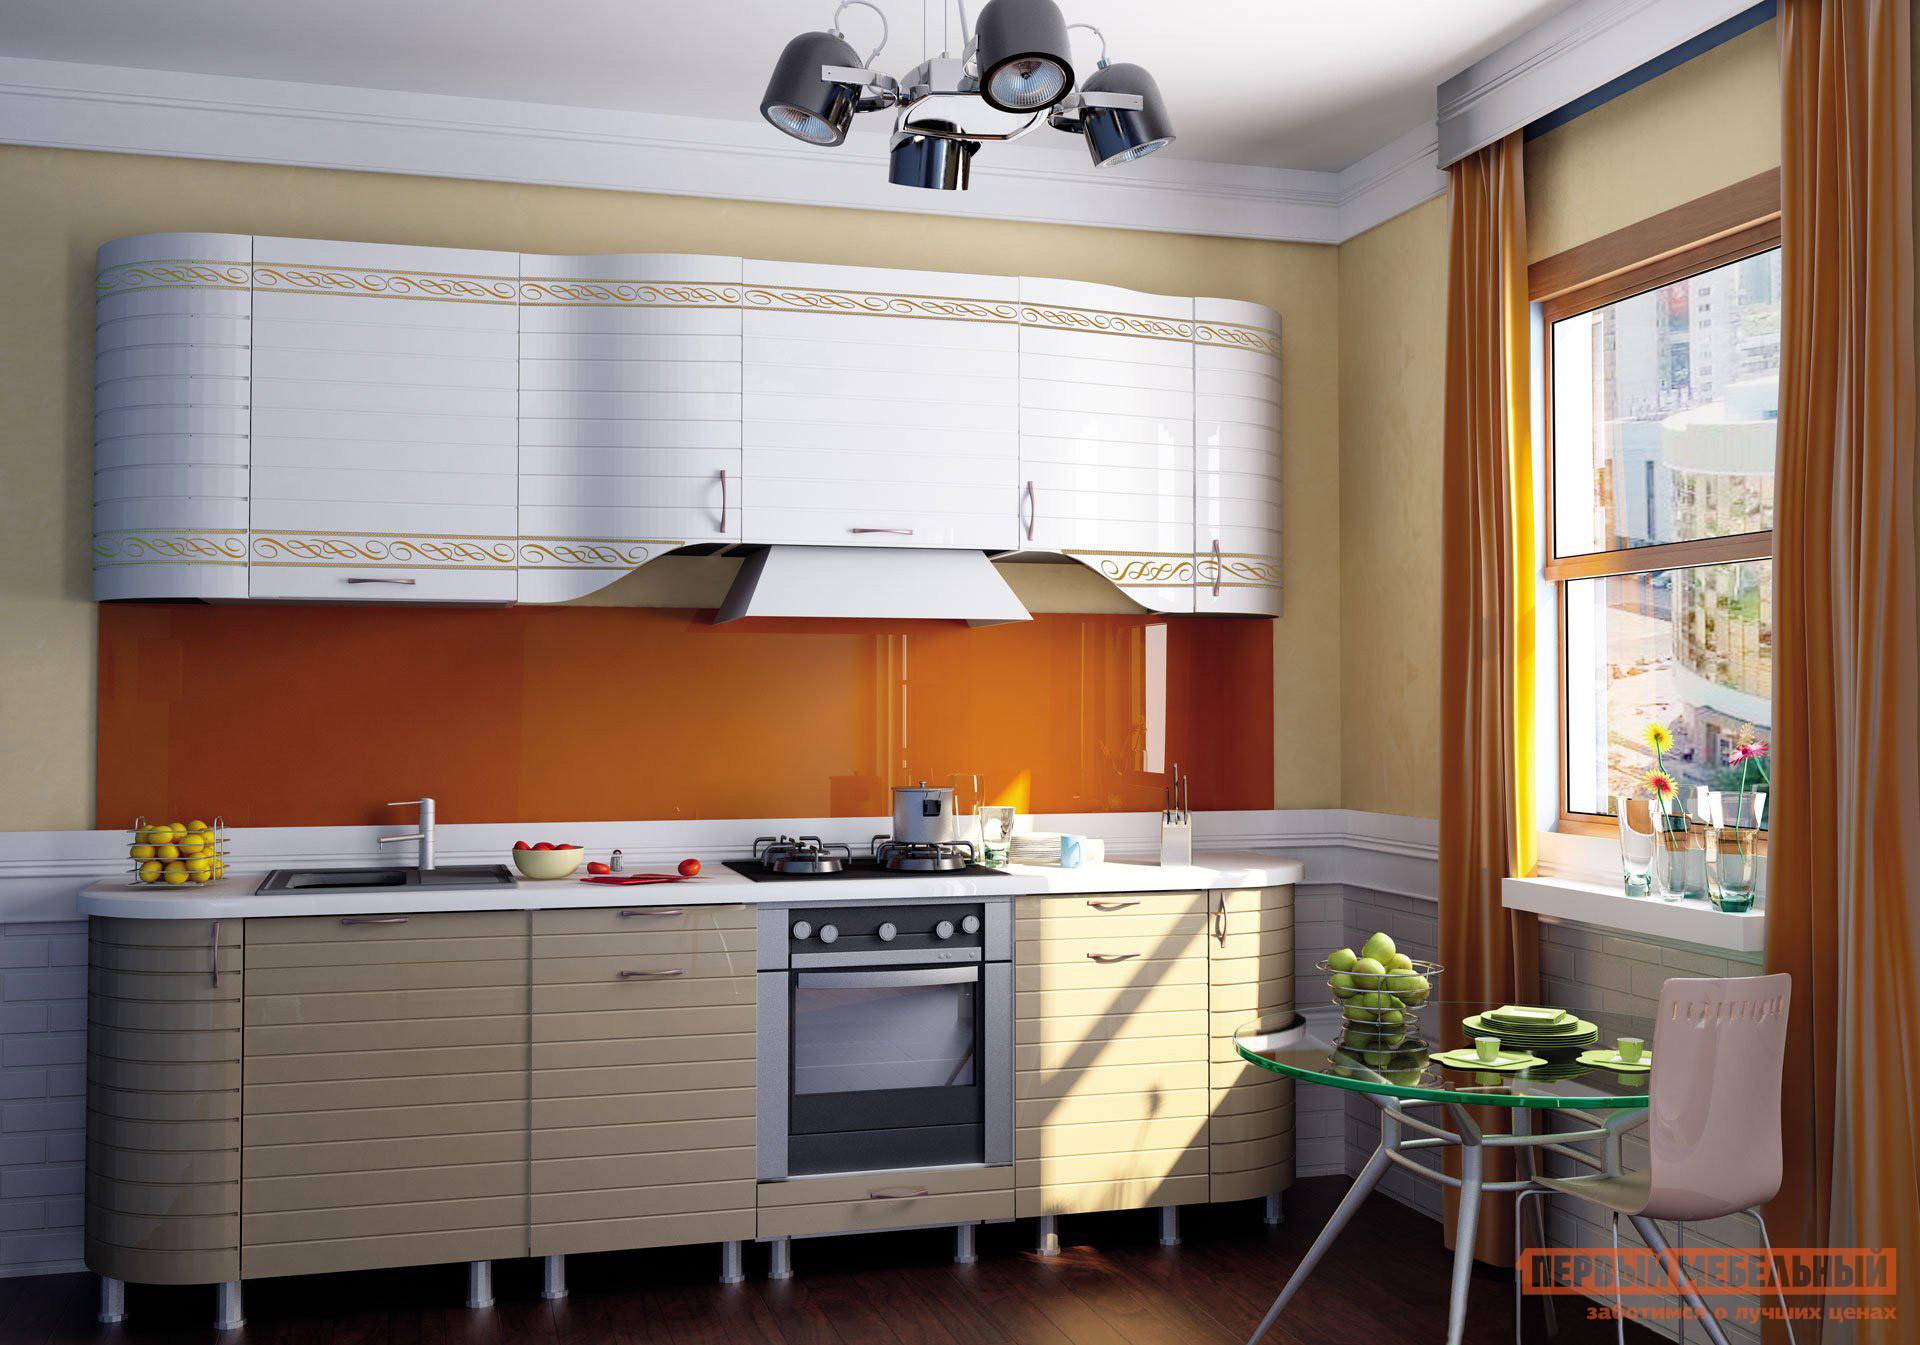 Кухонный гарнитур Любимый дом Анастасия 274 см Капучино кухонный гарнитур трия фэнтези 150 см